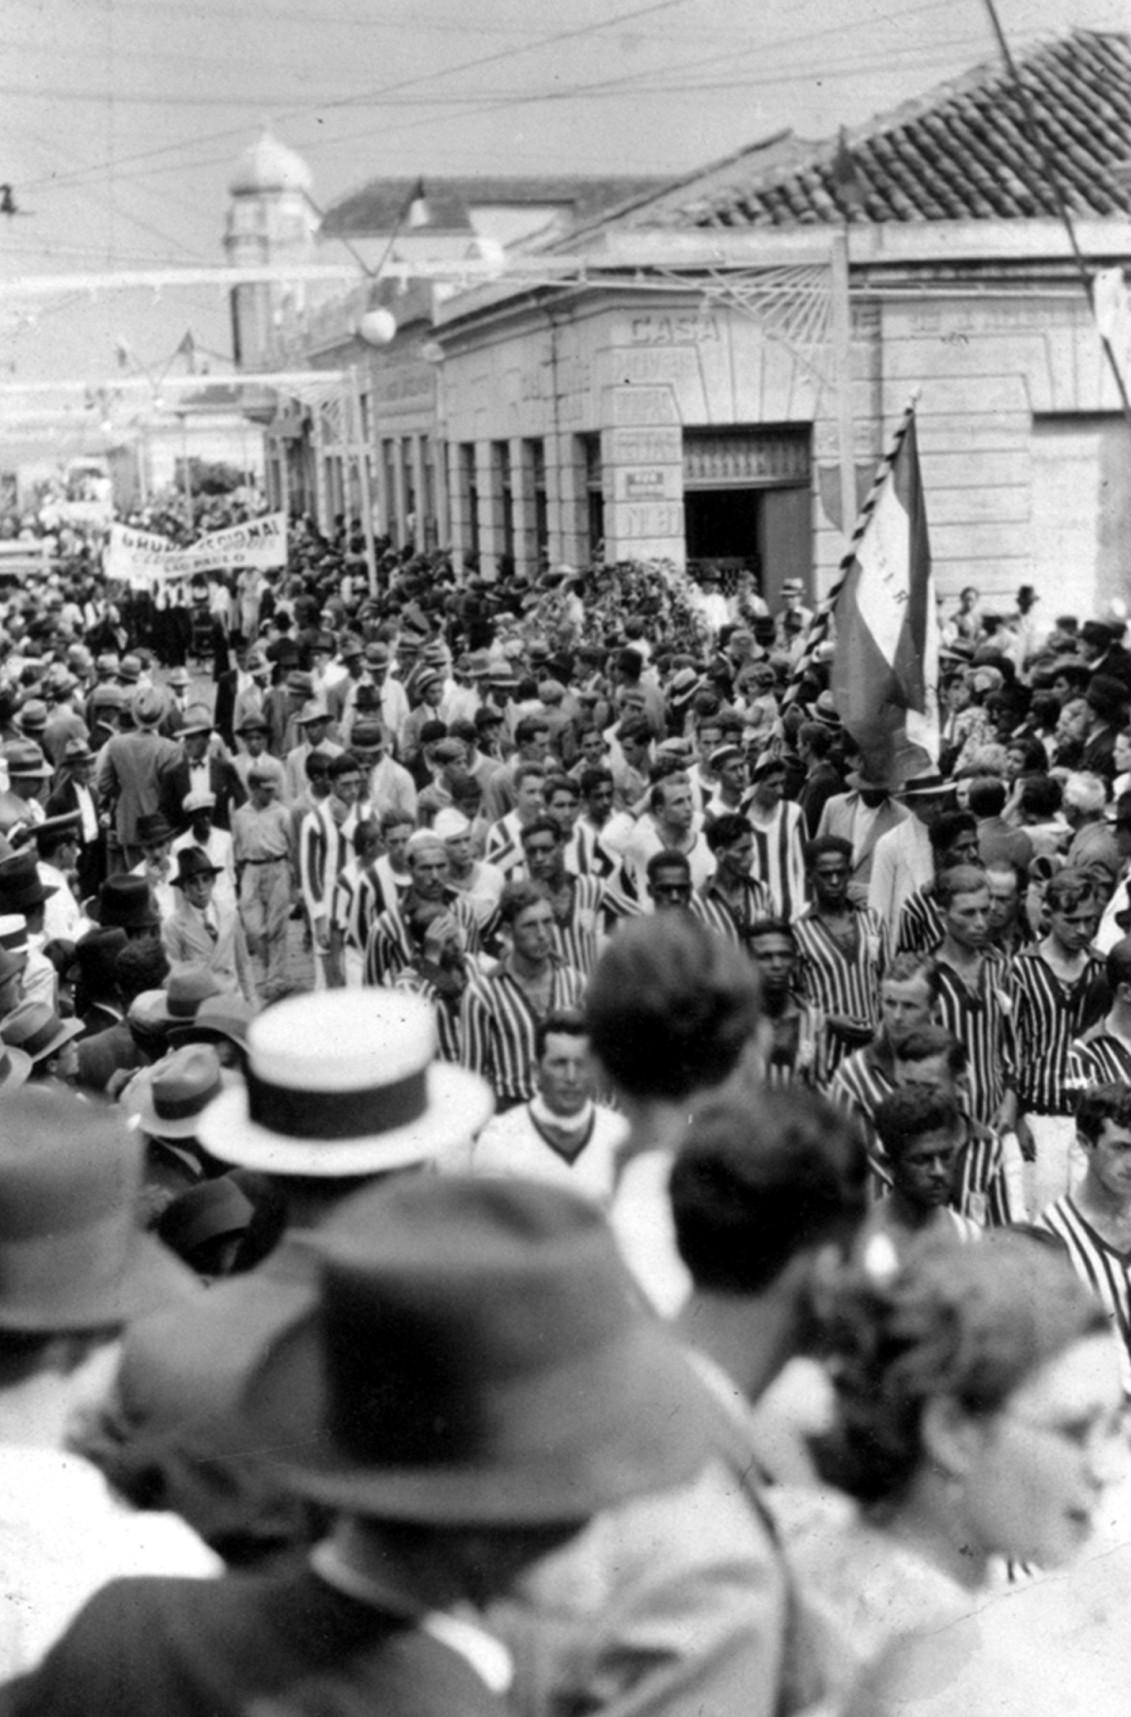 Fotografia em preto e branco da 1ª festa da uva de jundiaí, em 1934, com homens vestidos com roupas listradas, desfilando pelas ruas do centro, com uma multidão nas laterais.